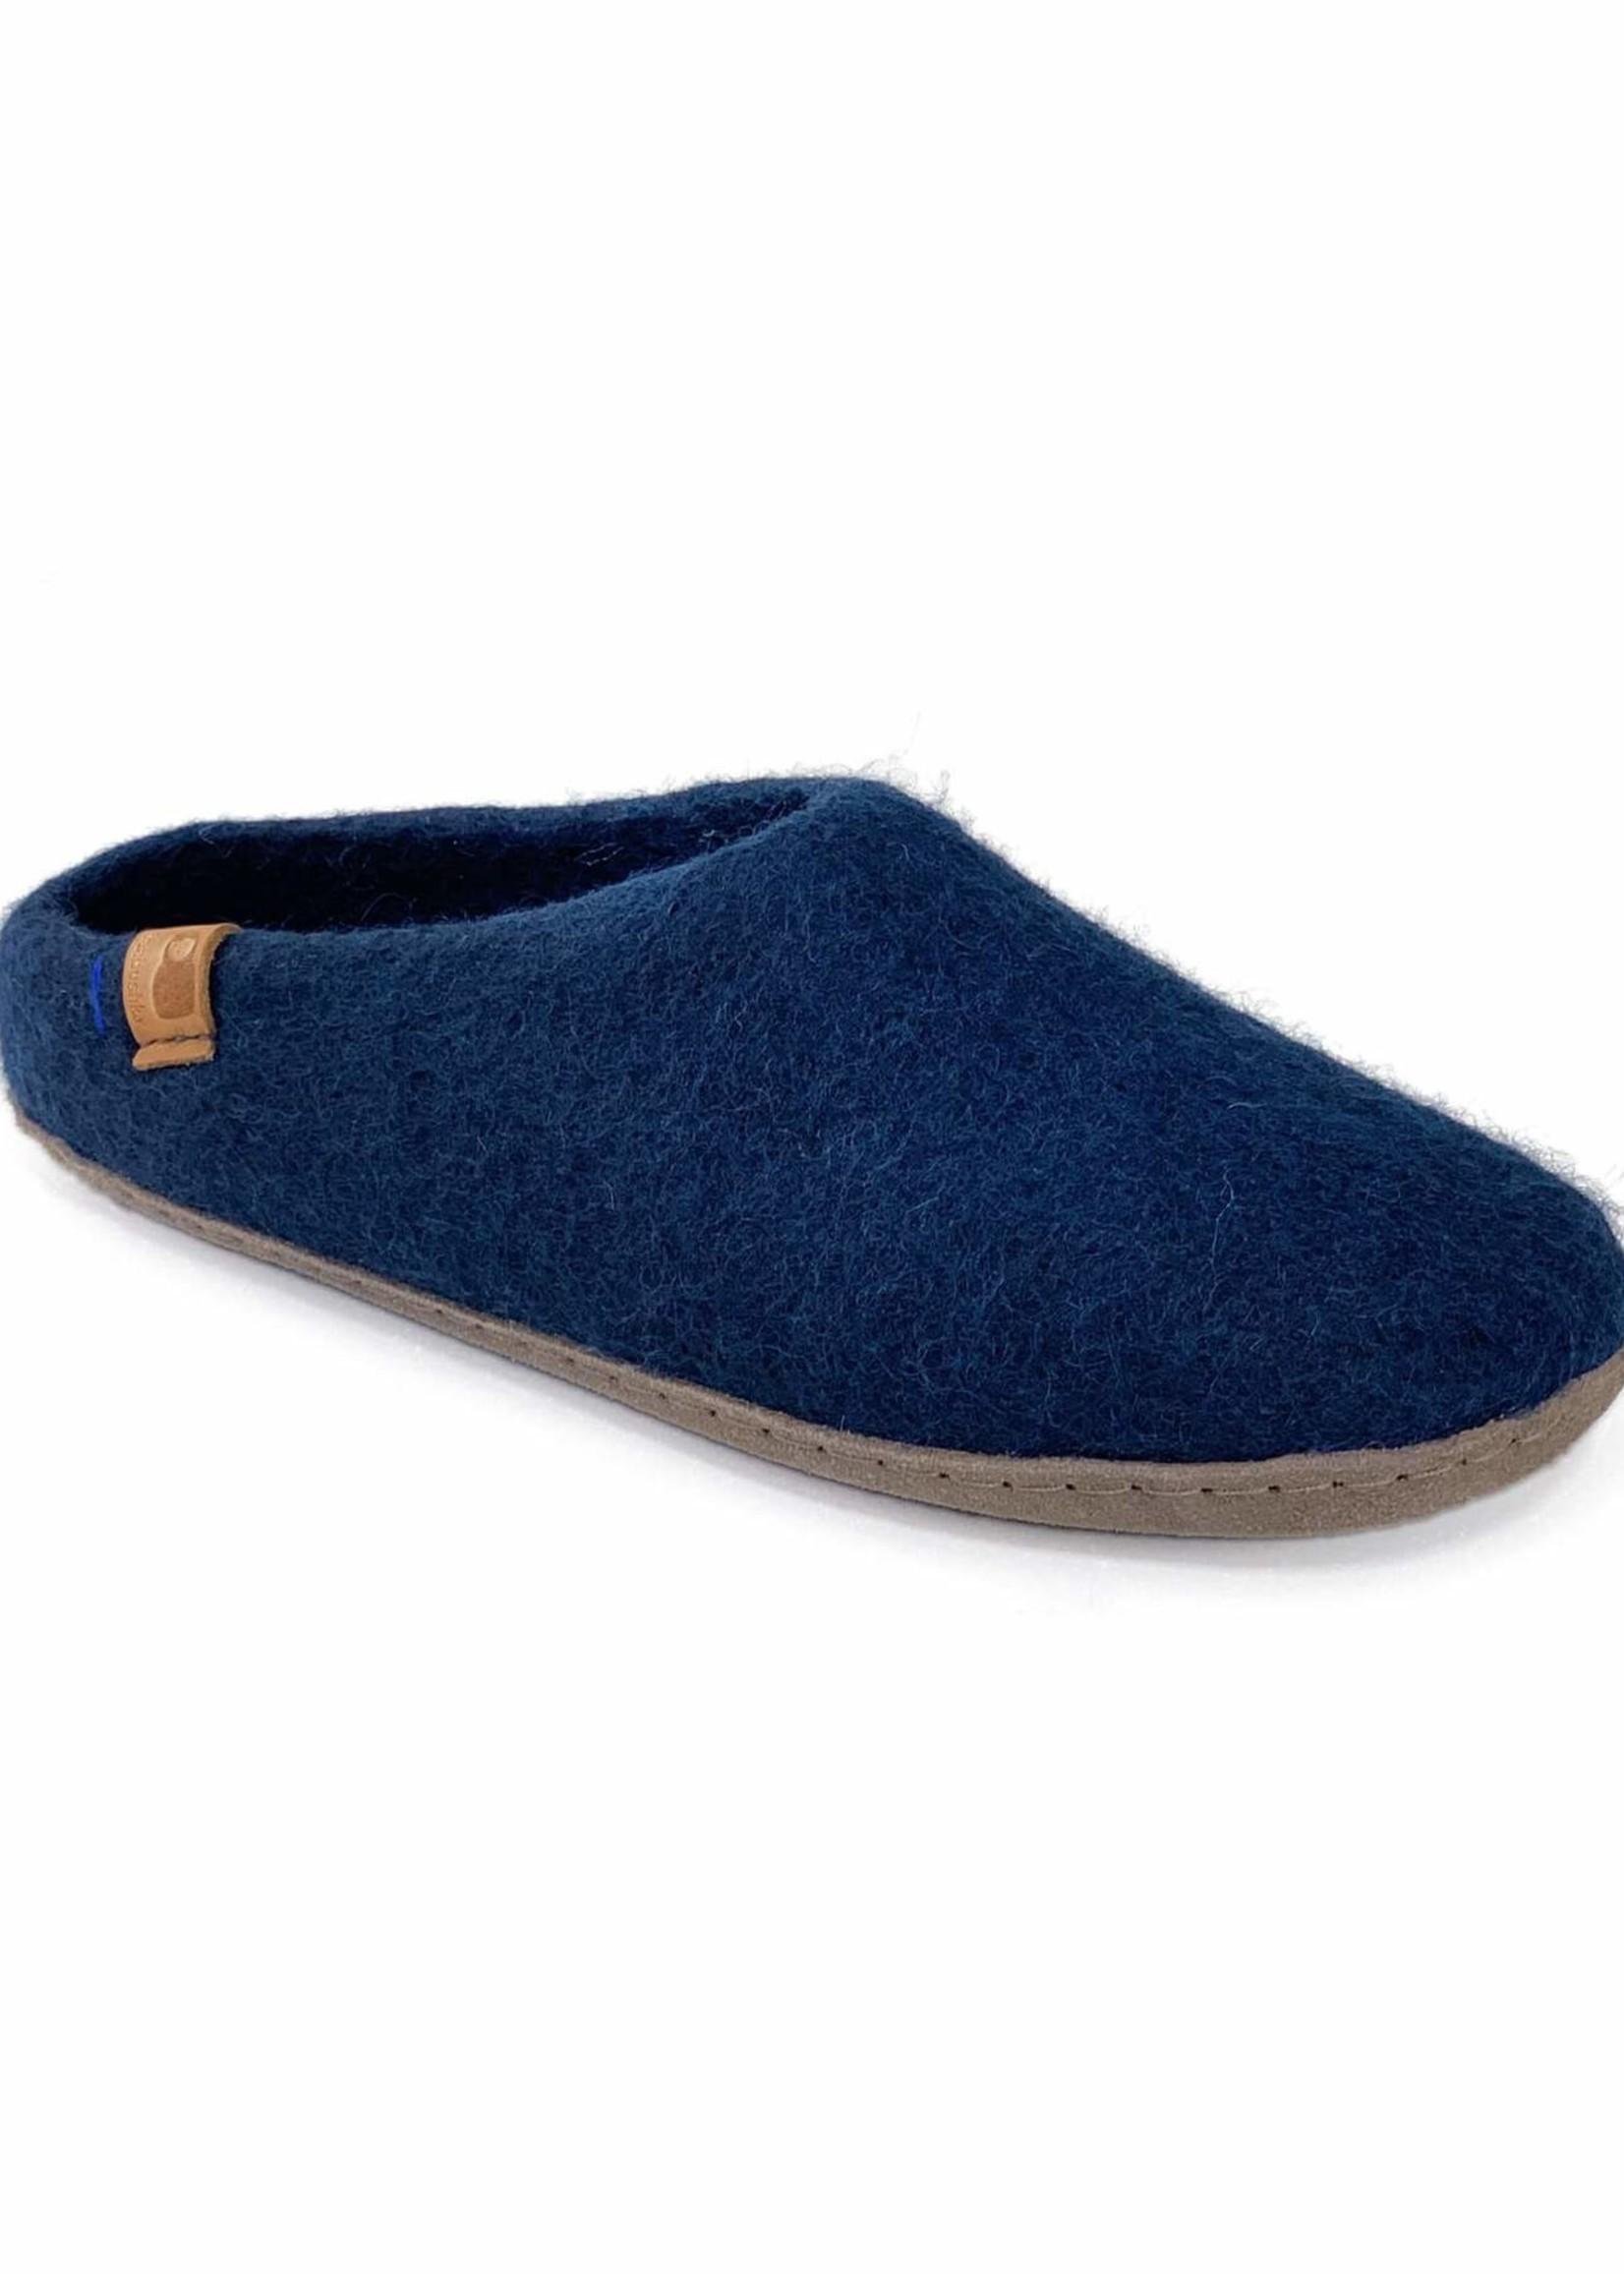 Baabushka Navy Wool Slippers